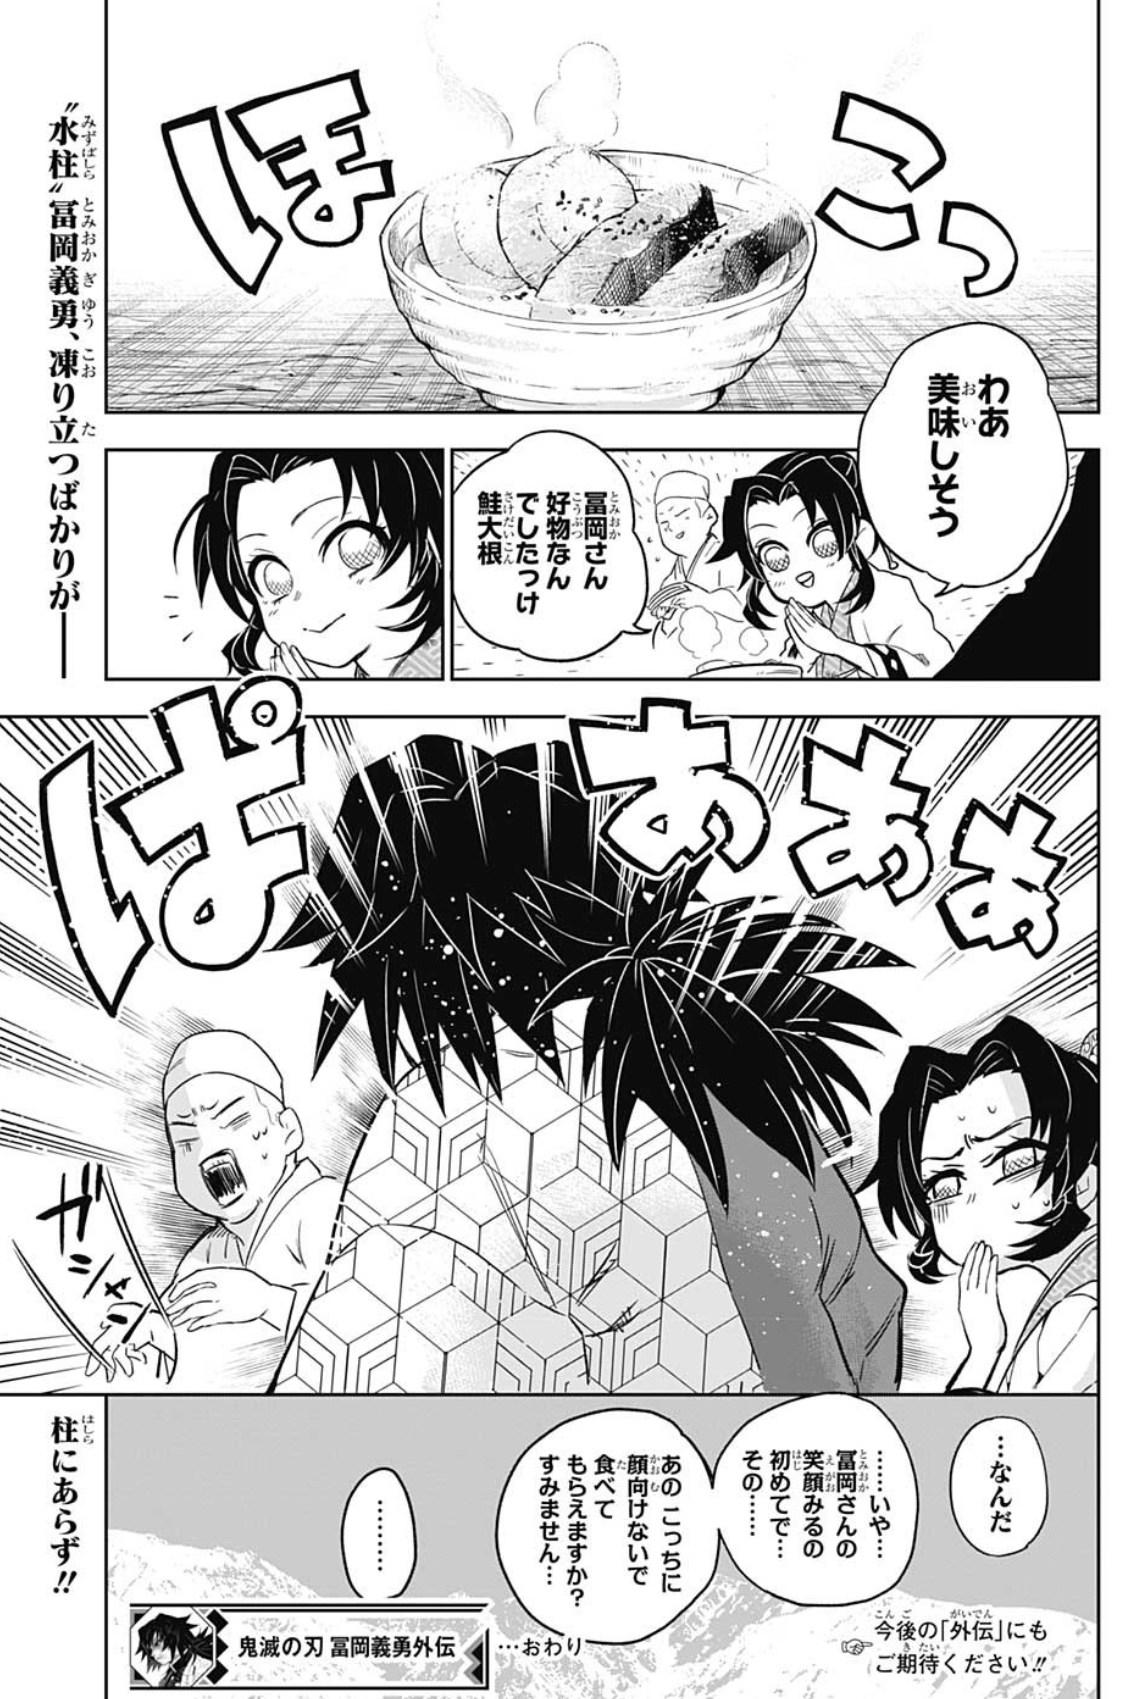 冨岡義勇外伝での胡蝶しのぶ、かわいいシーン4選! - Alwofnce